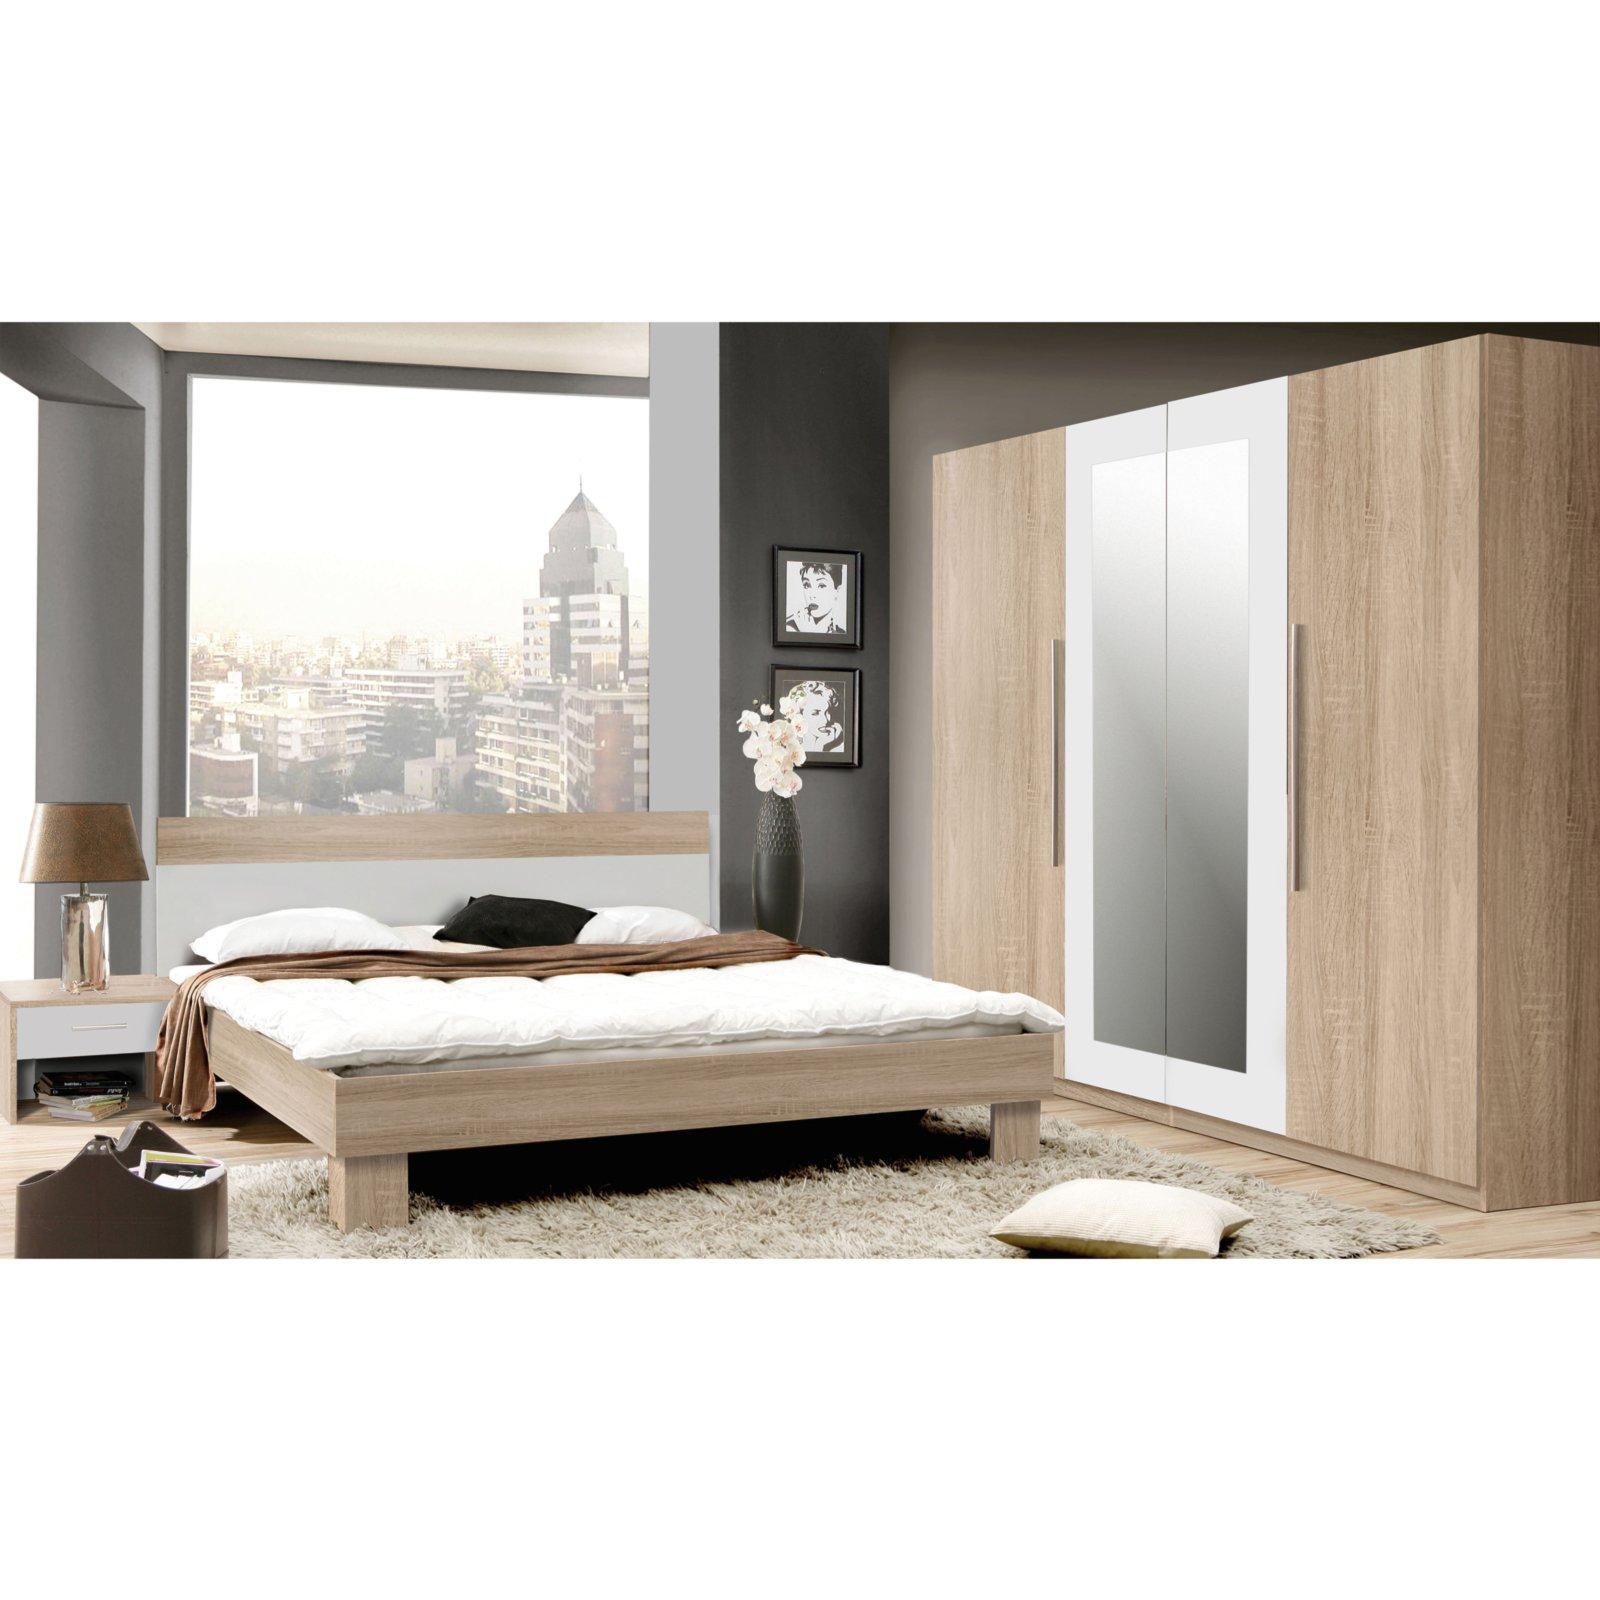 Schlafzimmer HELEN - 4-teilig - Eiche Sonoma | Schlafzimmer-Sets ...